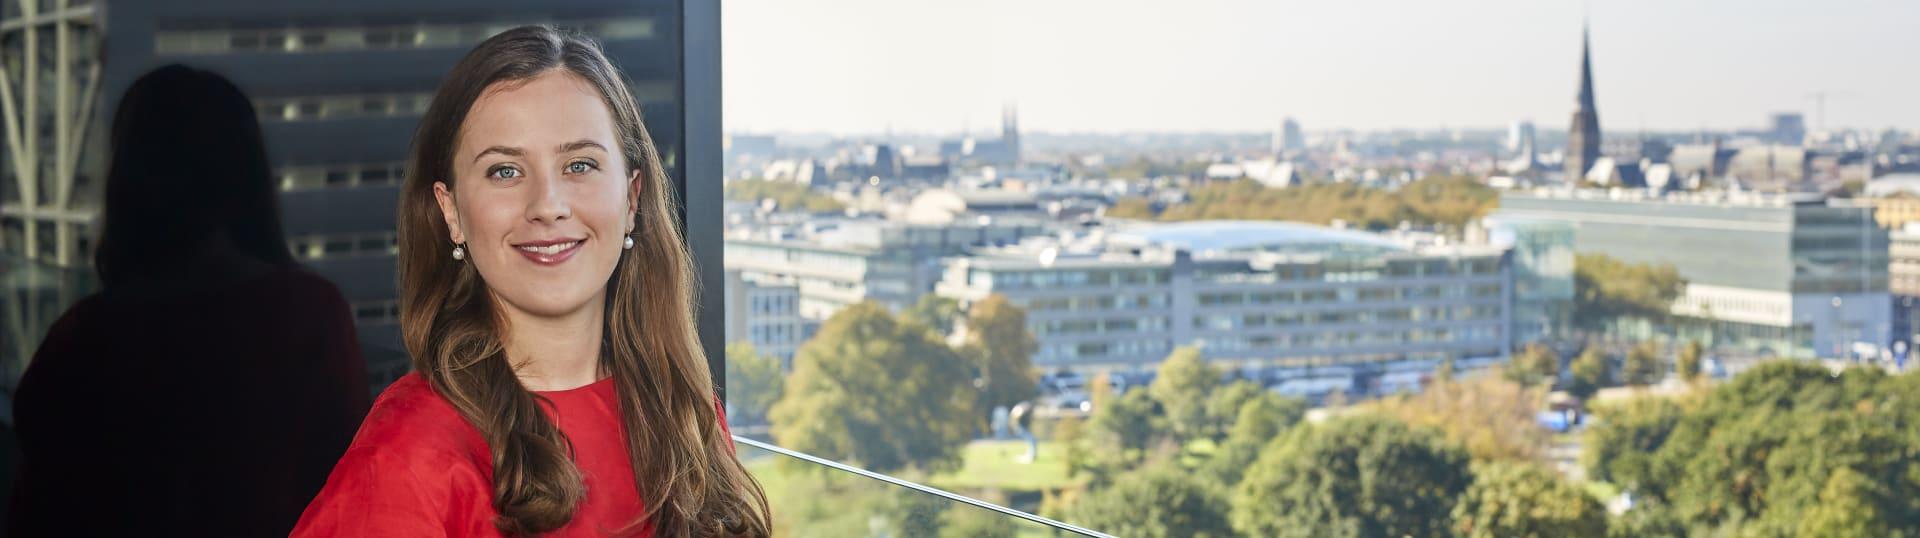 Annemijn Westerduin, advocaat Pels Rijcken